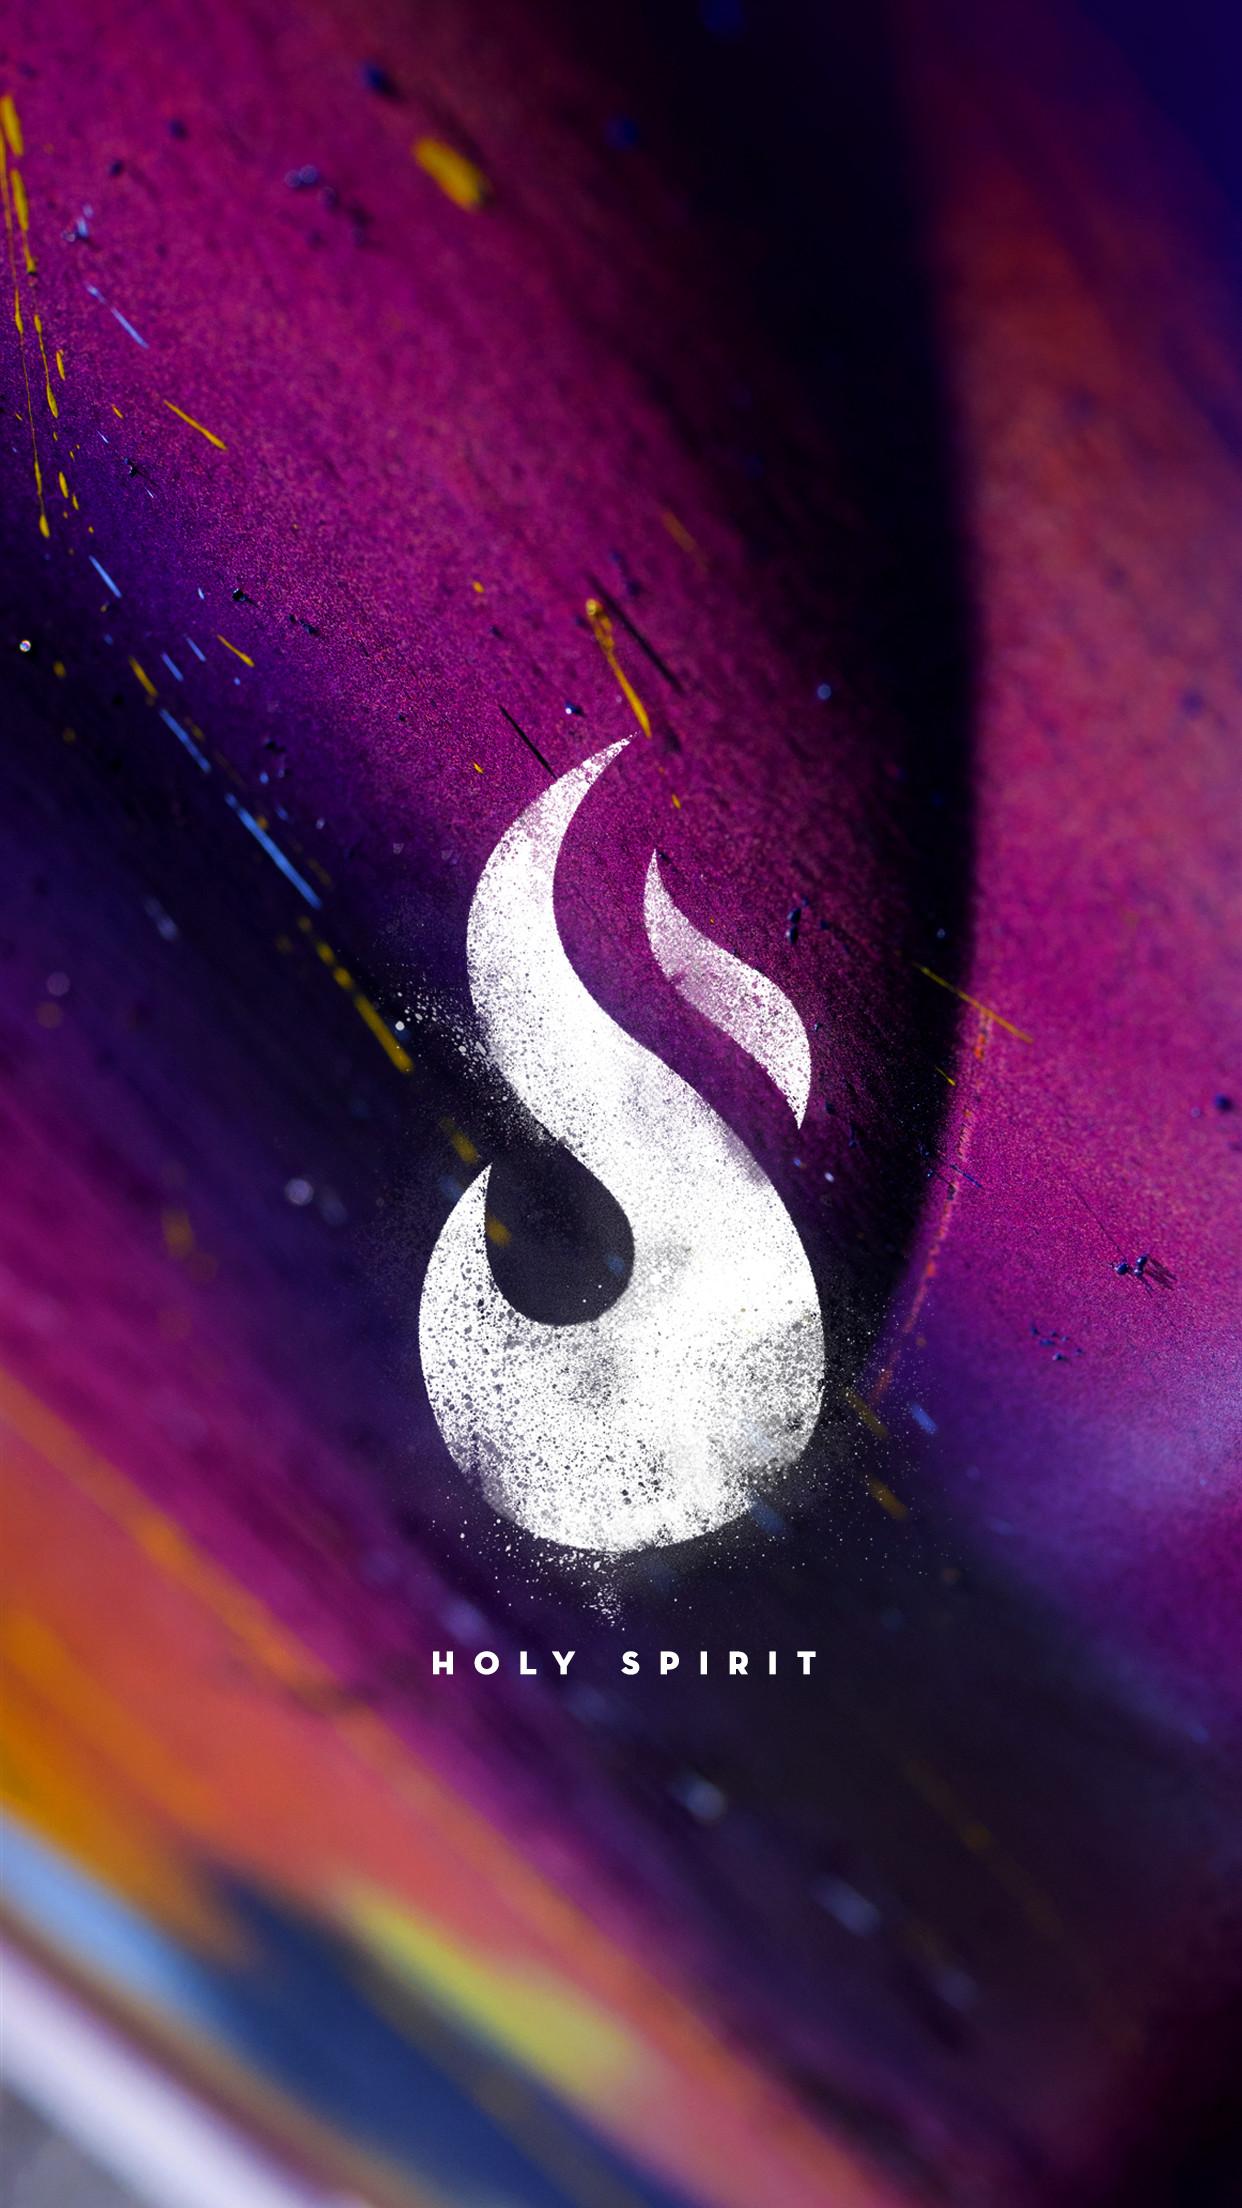 1920x1200 Holy Spirit Download 1242x2208 2208